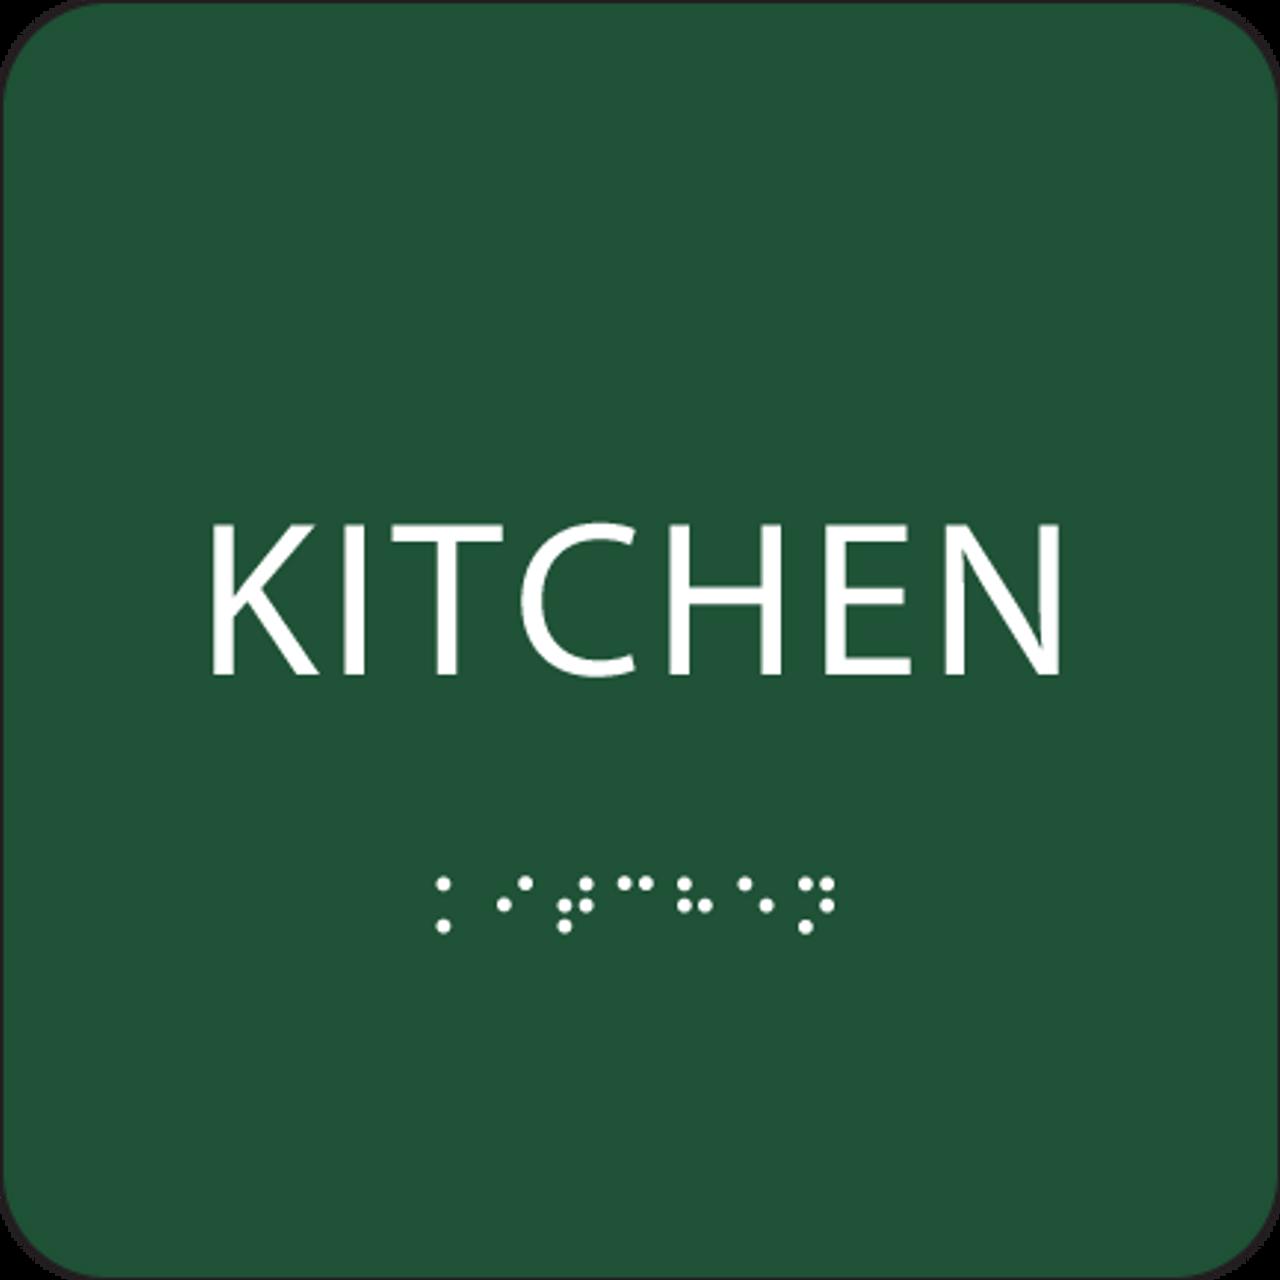 Green Braille Kitchen Sign